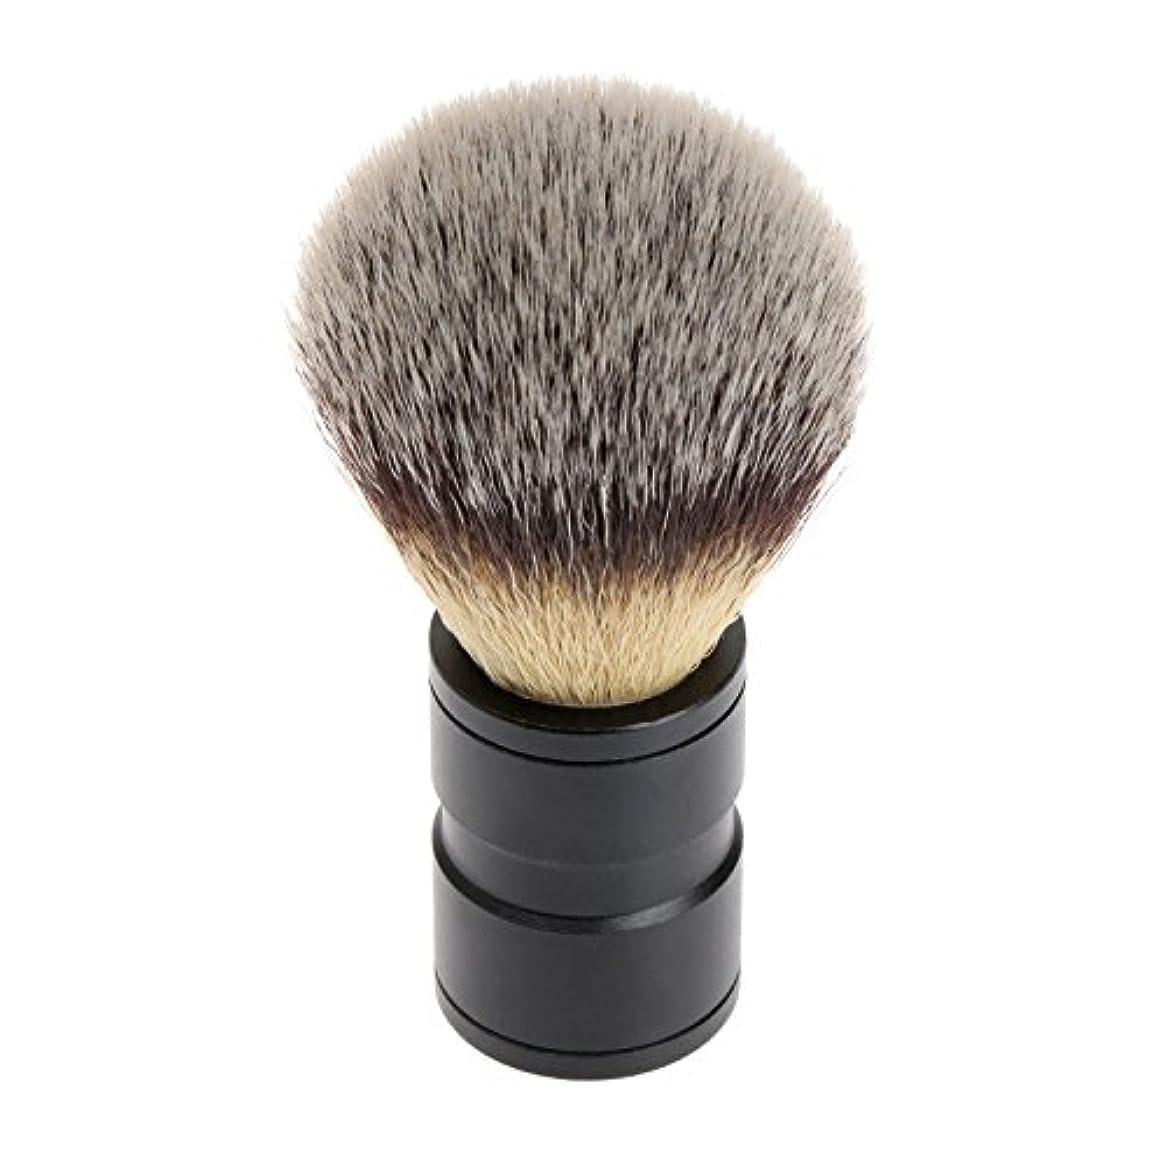 単に加入赤字シェービング ブラシ 理容 洗顔 髭剃り マッサージ 効果 ナイロン毛 メンズ